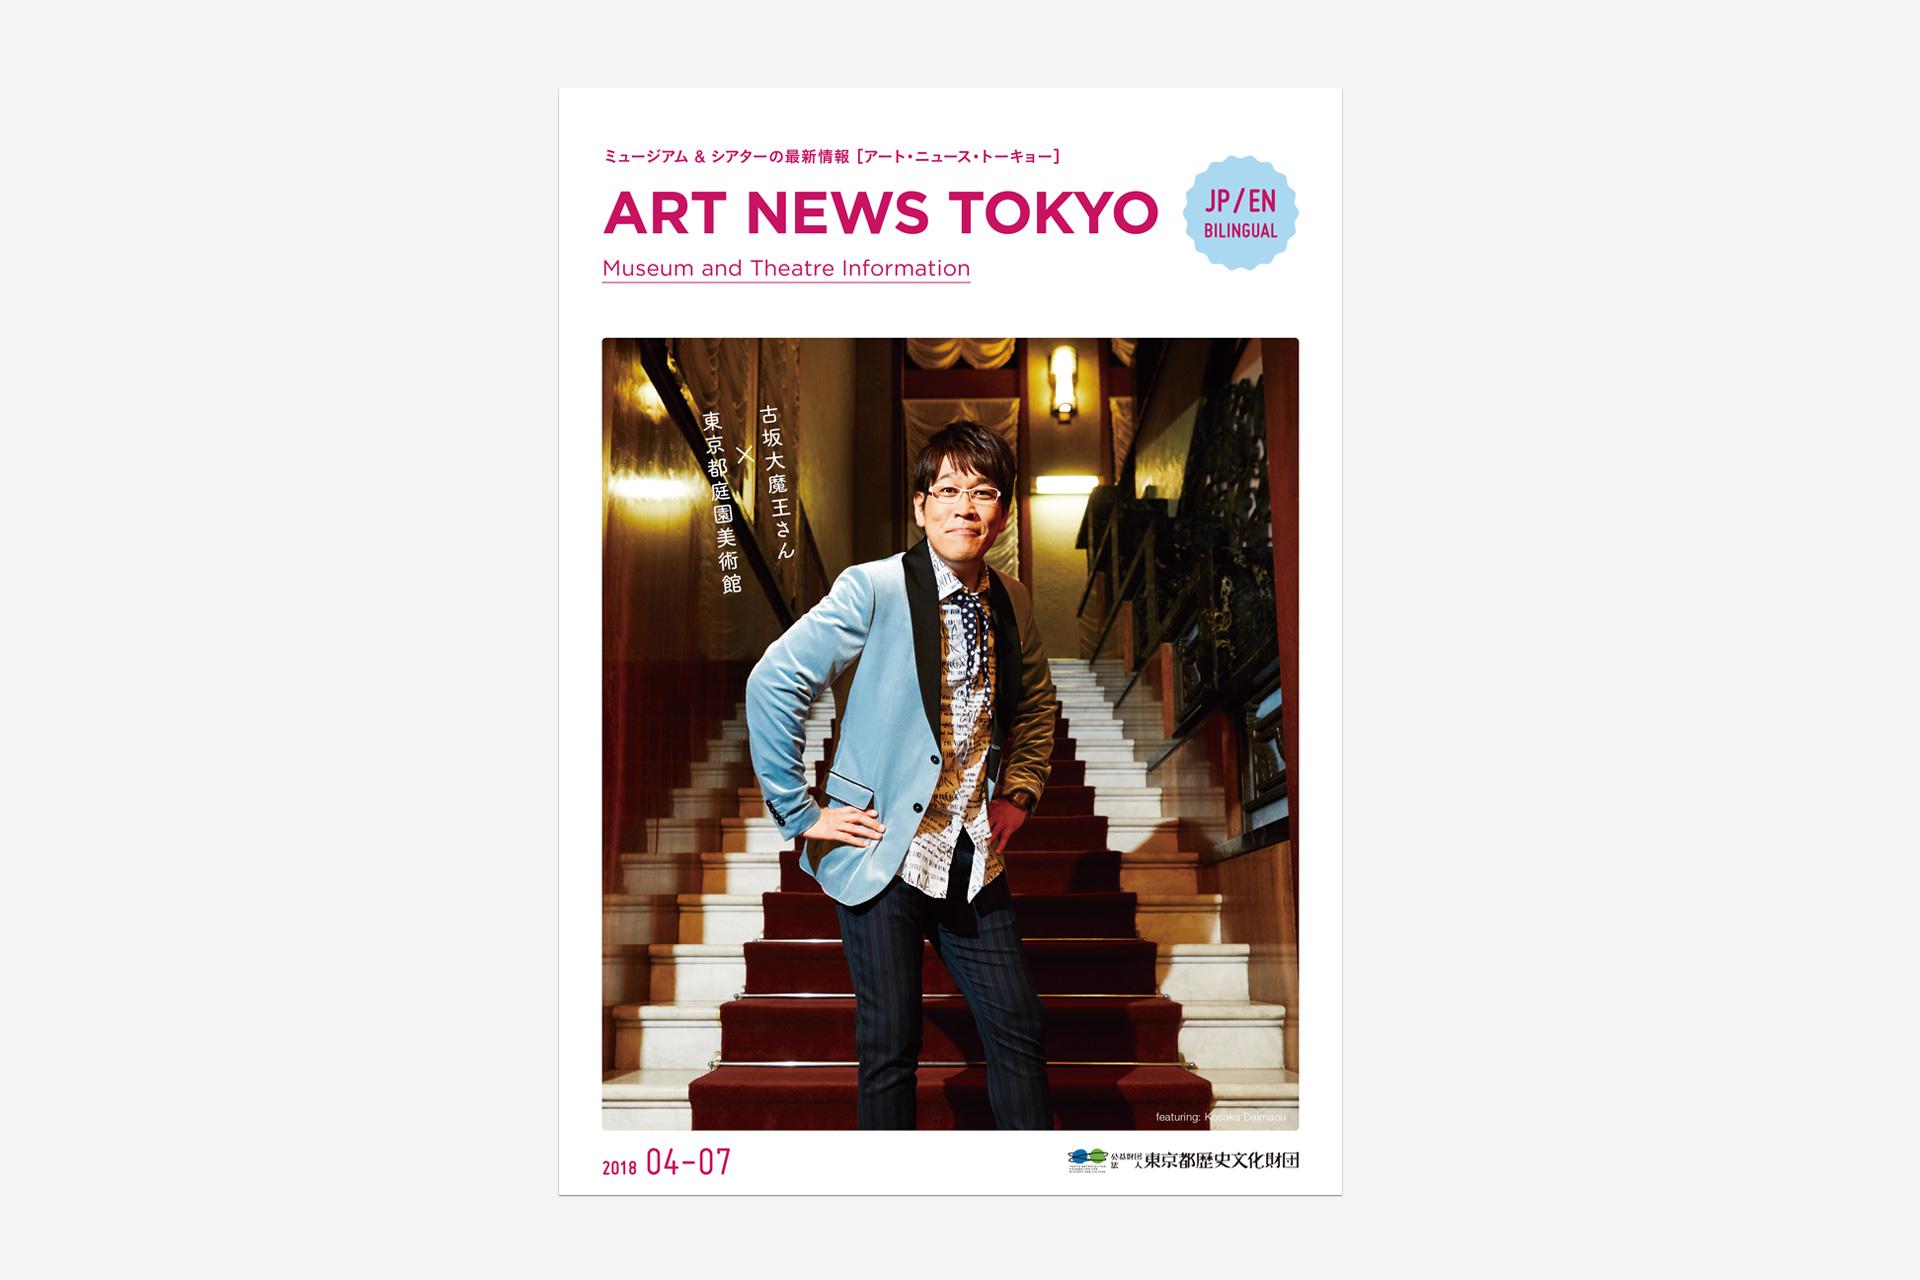 ART NEWS TOKYO 2018 04-07